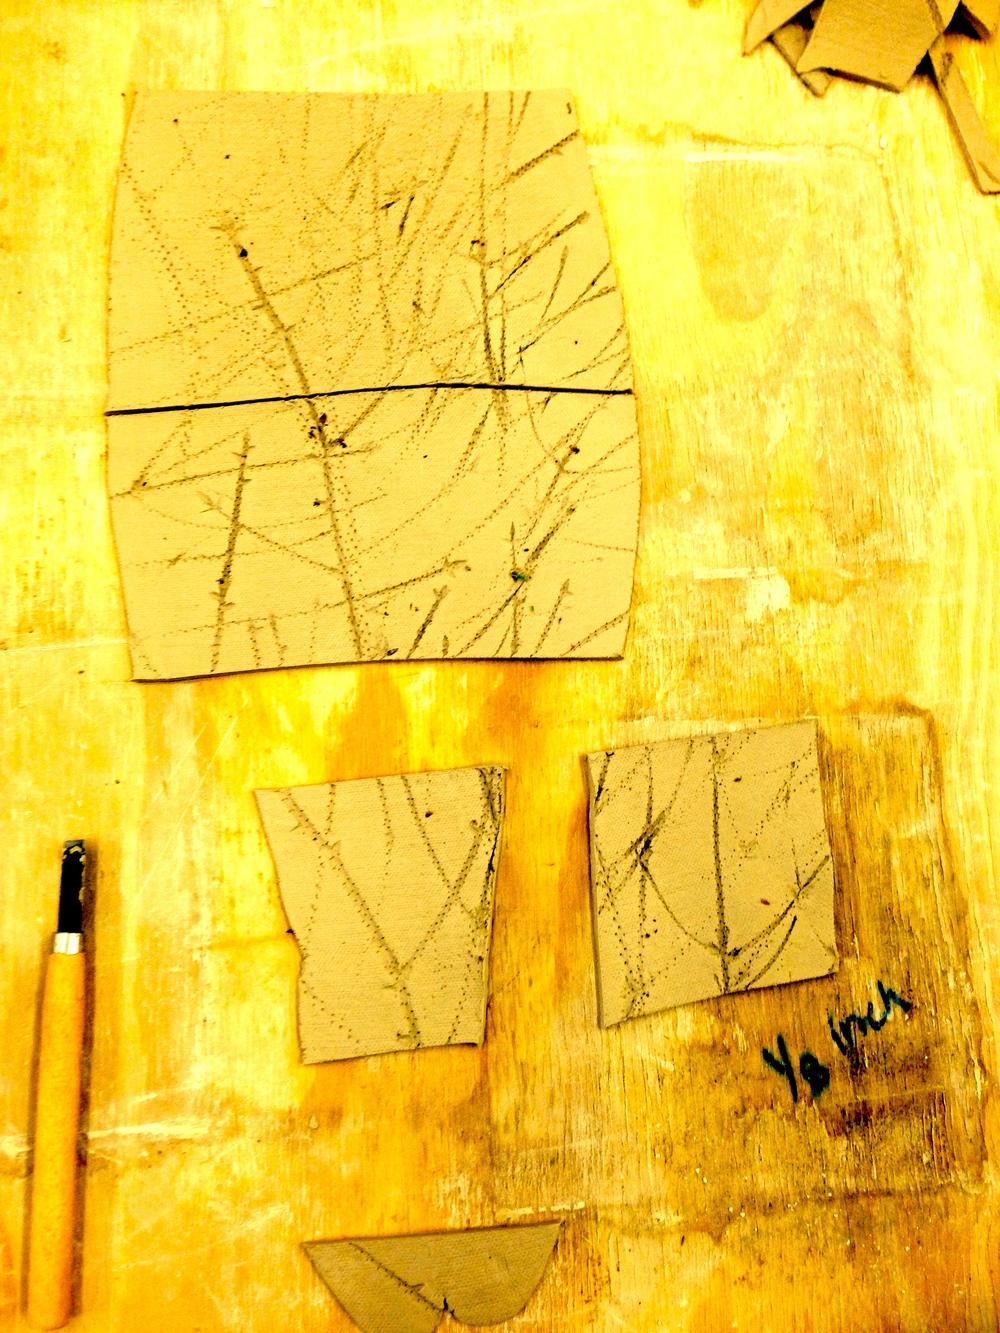 Second full day in the studio. Time spent making tiles. Felt so good.